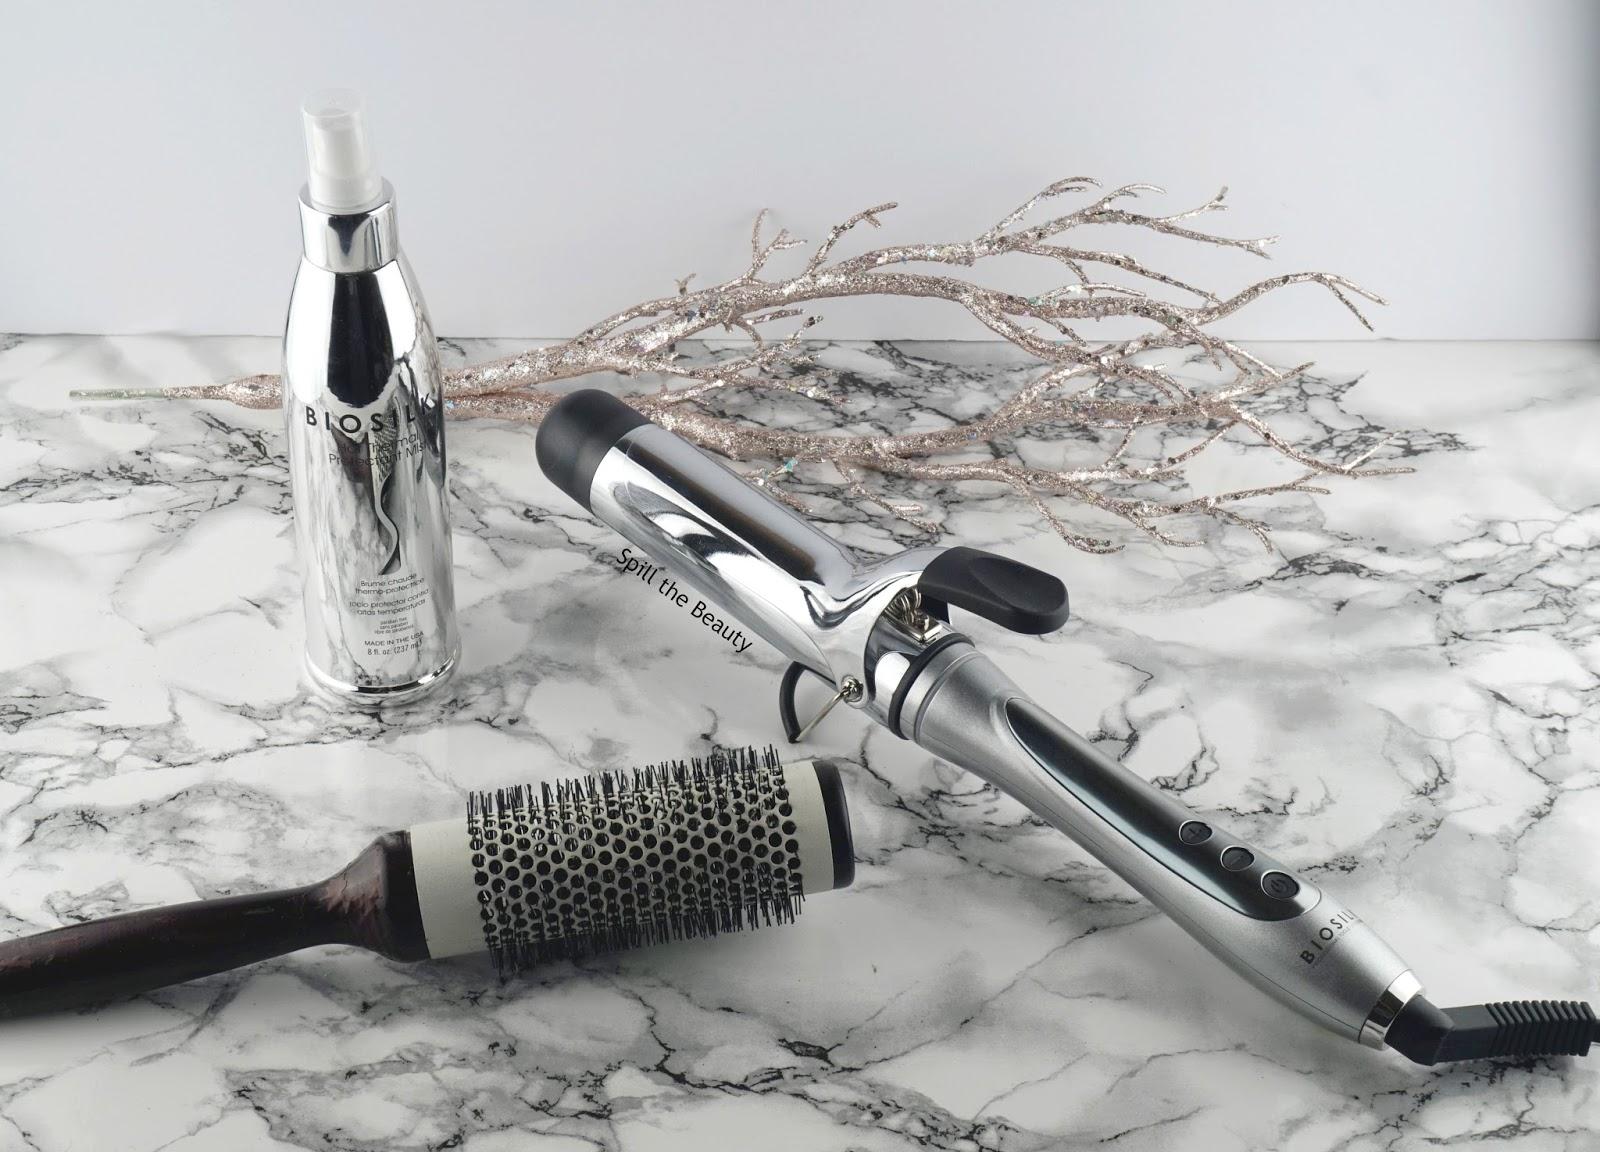 Biosilk 1.5 inch titanium curling iron review